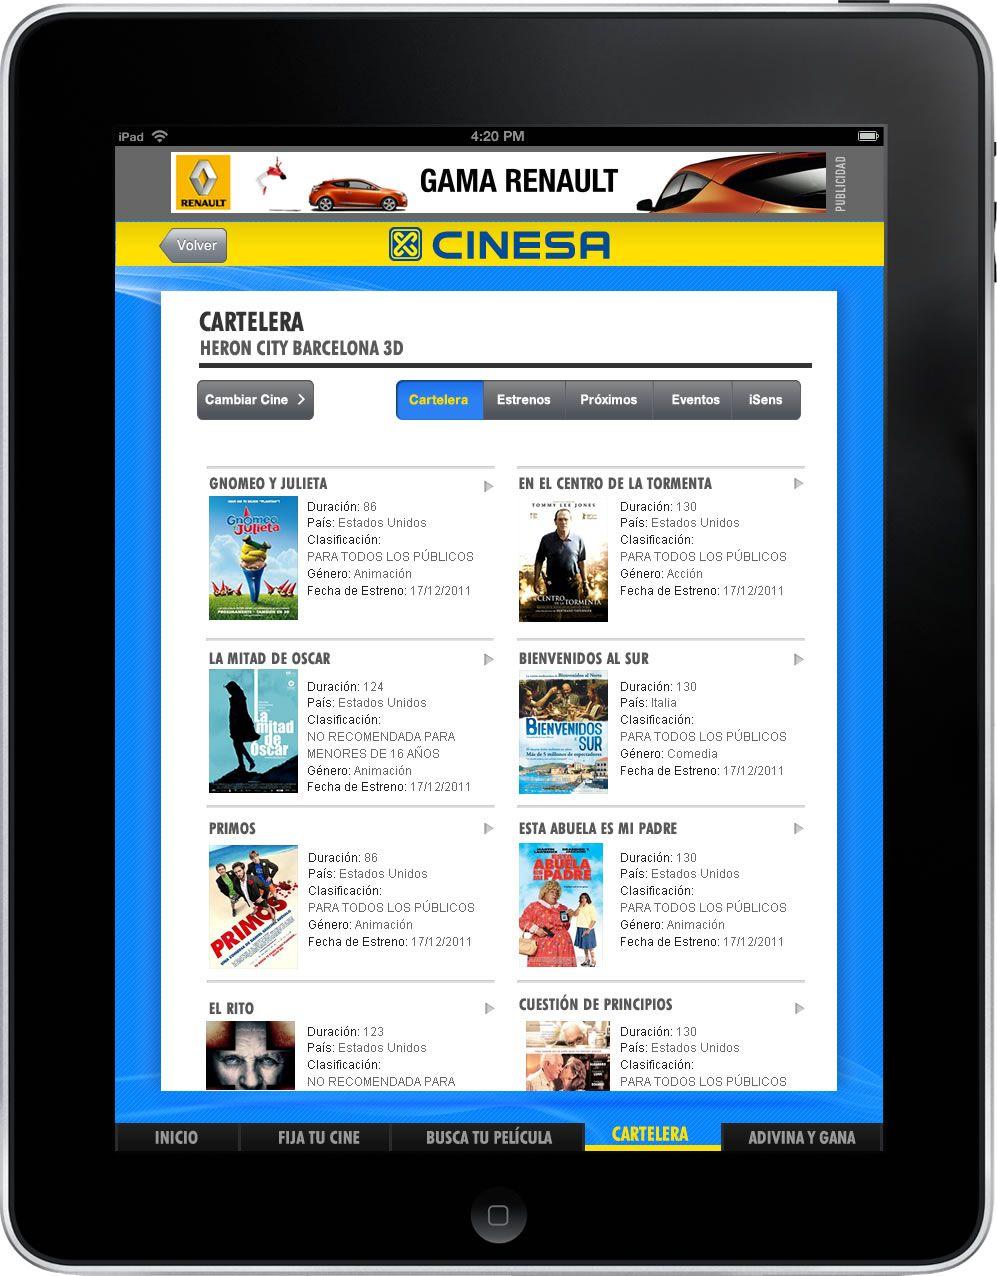 Pin en Mobile Marketing